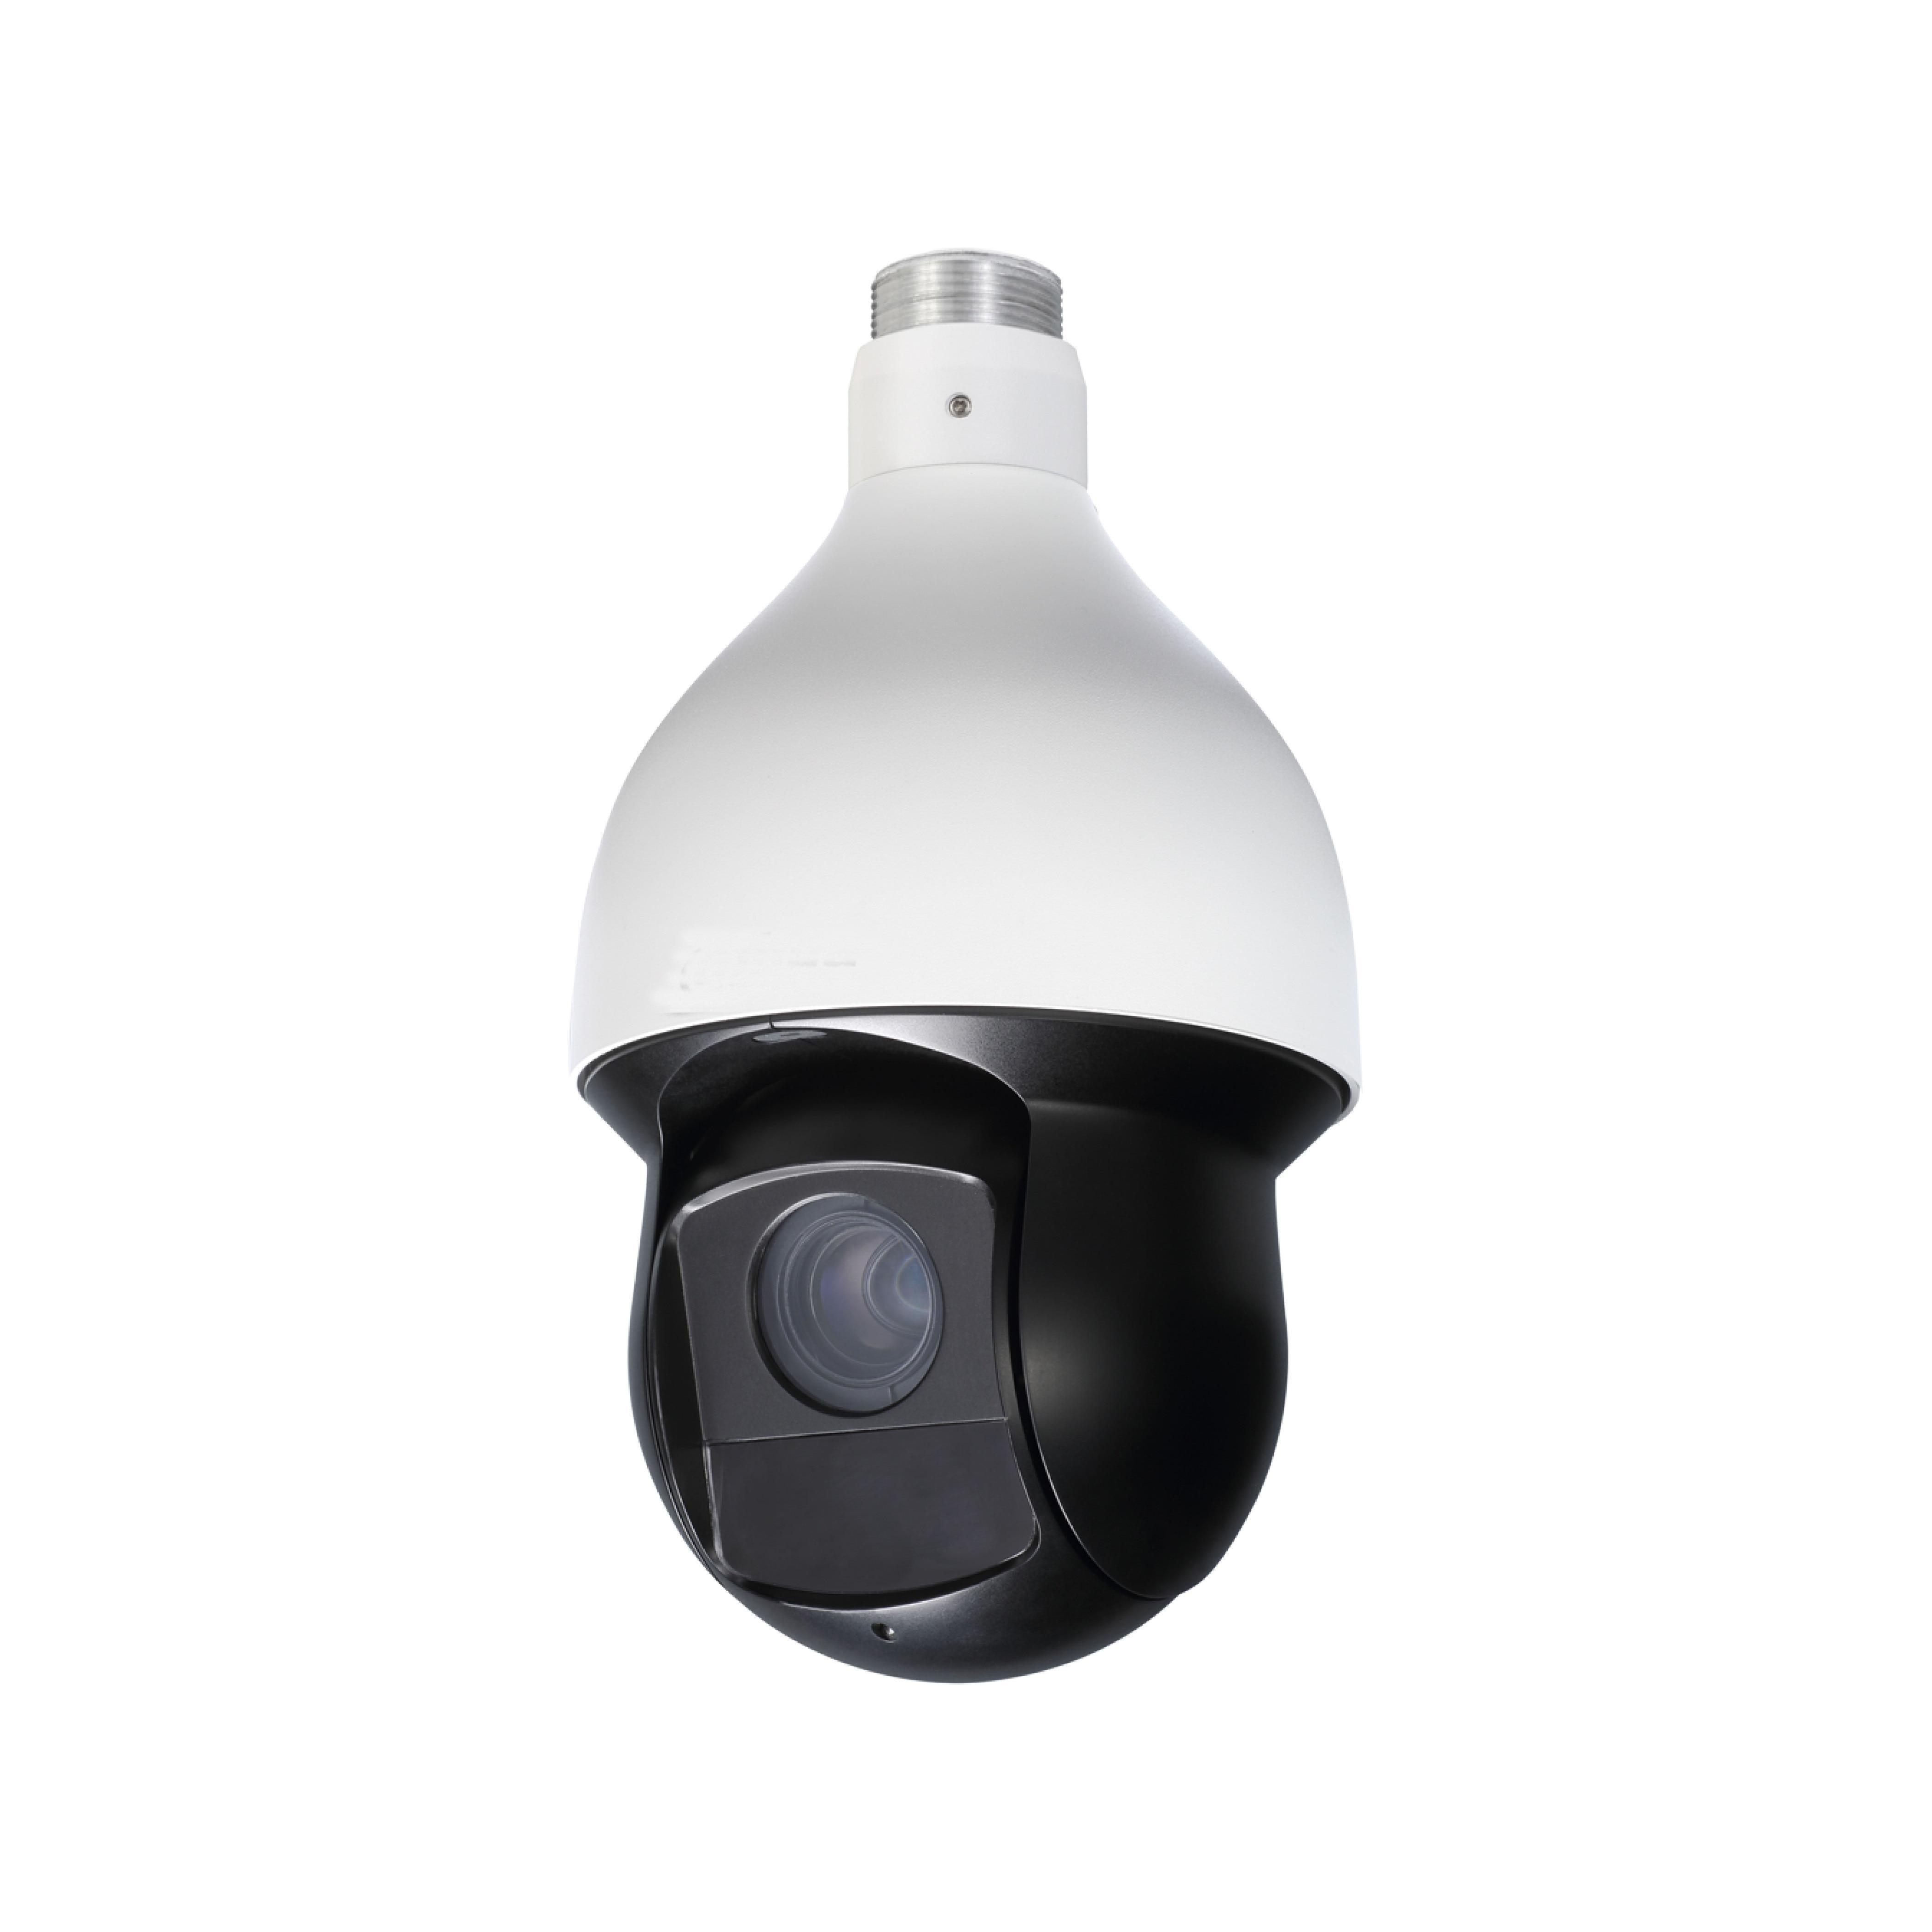 Caméra CCTV dernière nouvelle 2MP 30x Starlight IR PTZ réseau dôme caméra Auto-suivi SD59230U-HNI